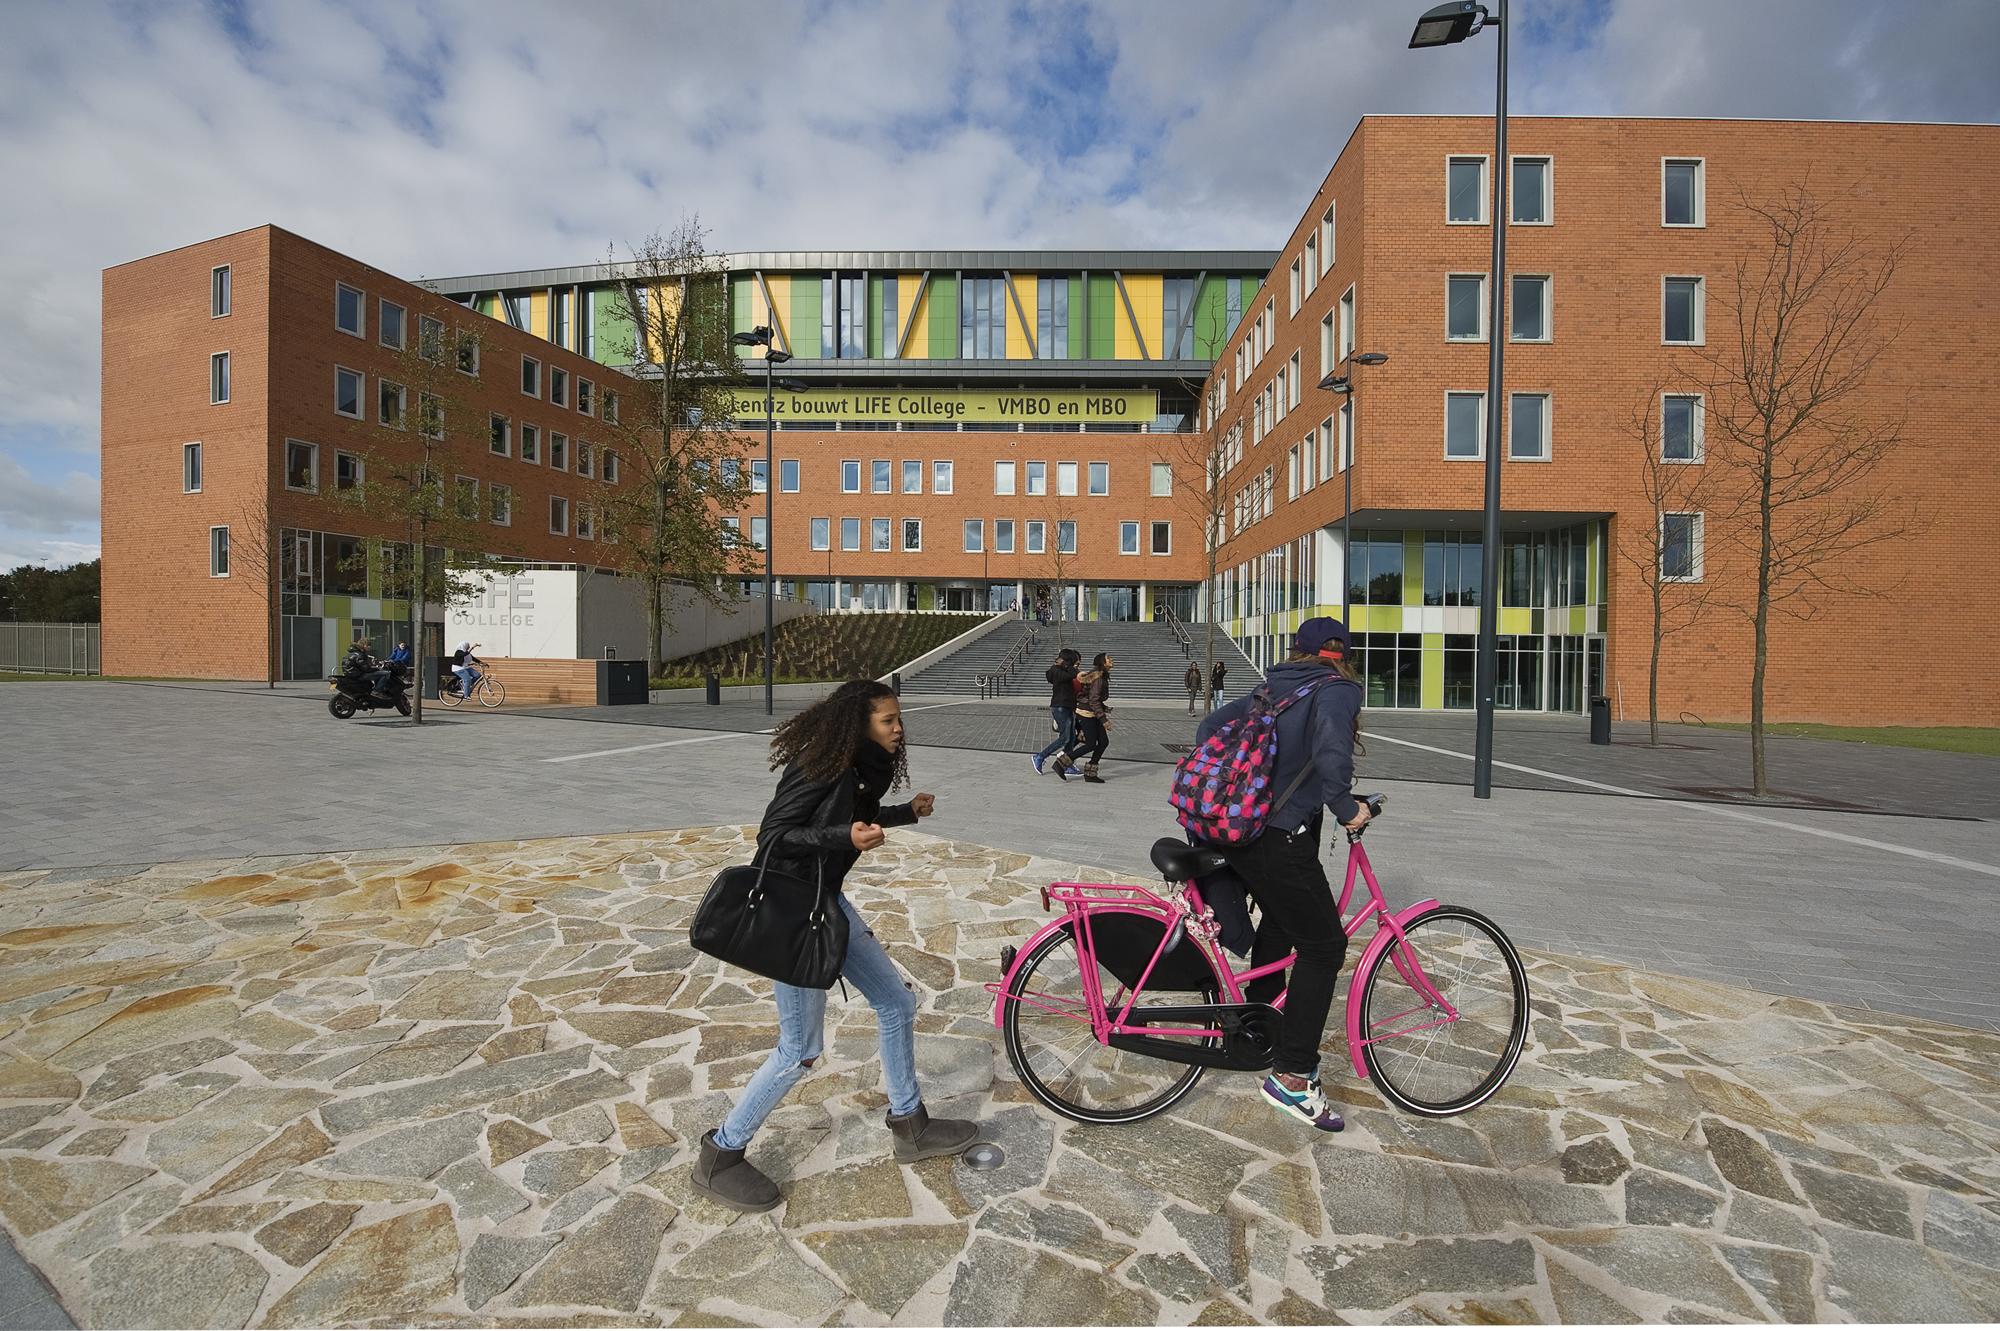 Lentiz Life College architect